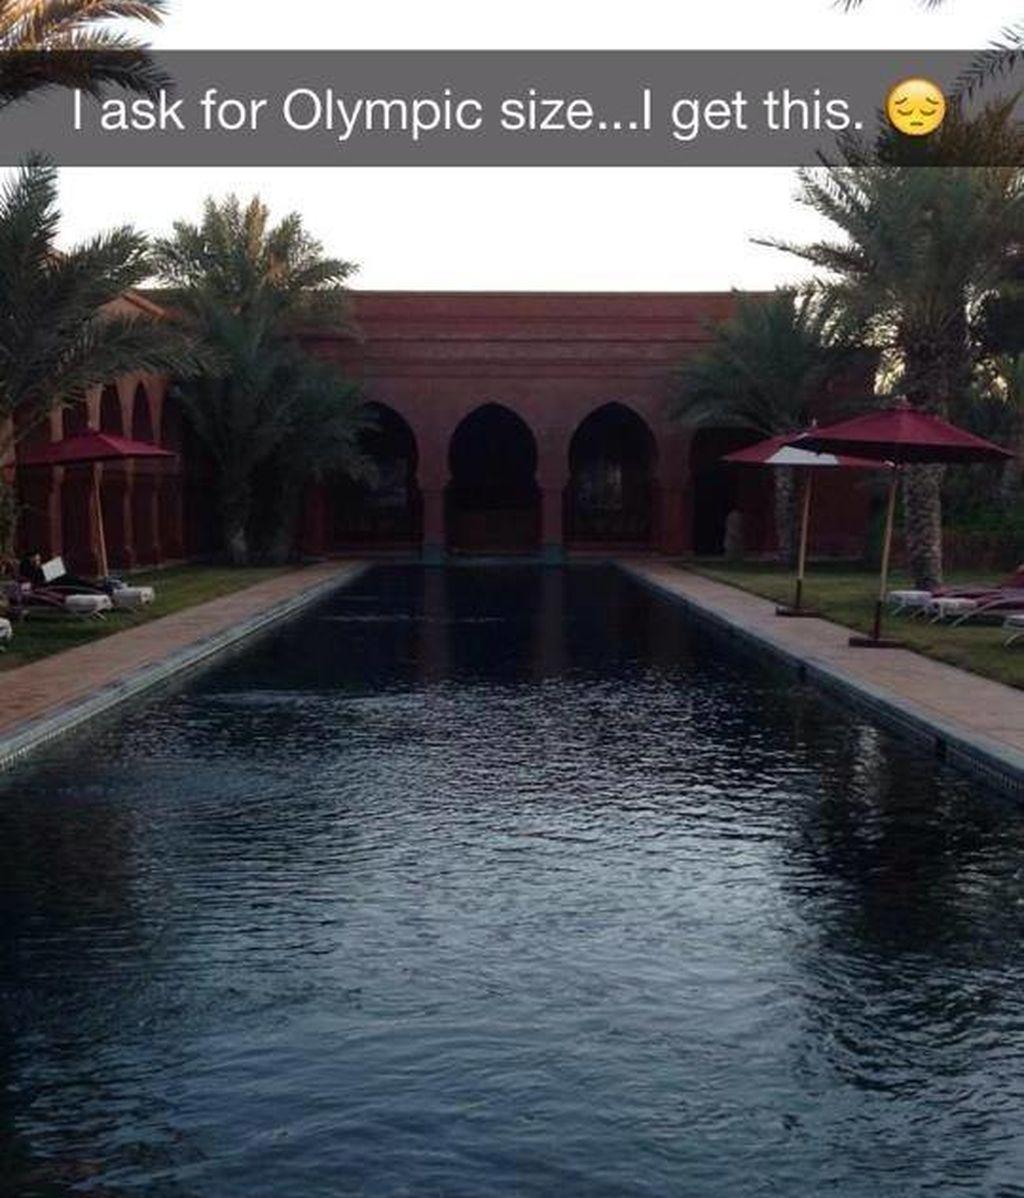 Pedí una piscina olímpica y conseguí esto...